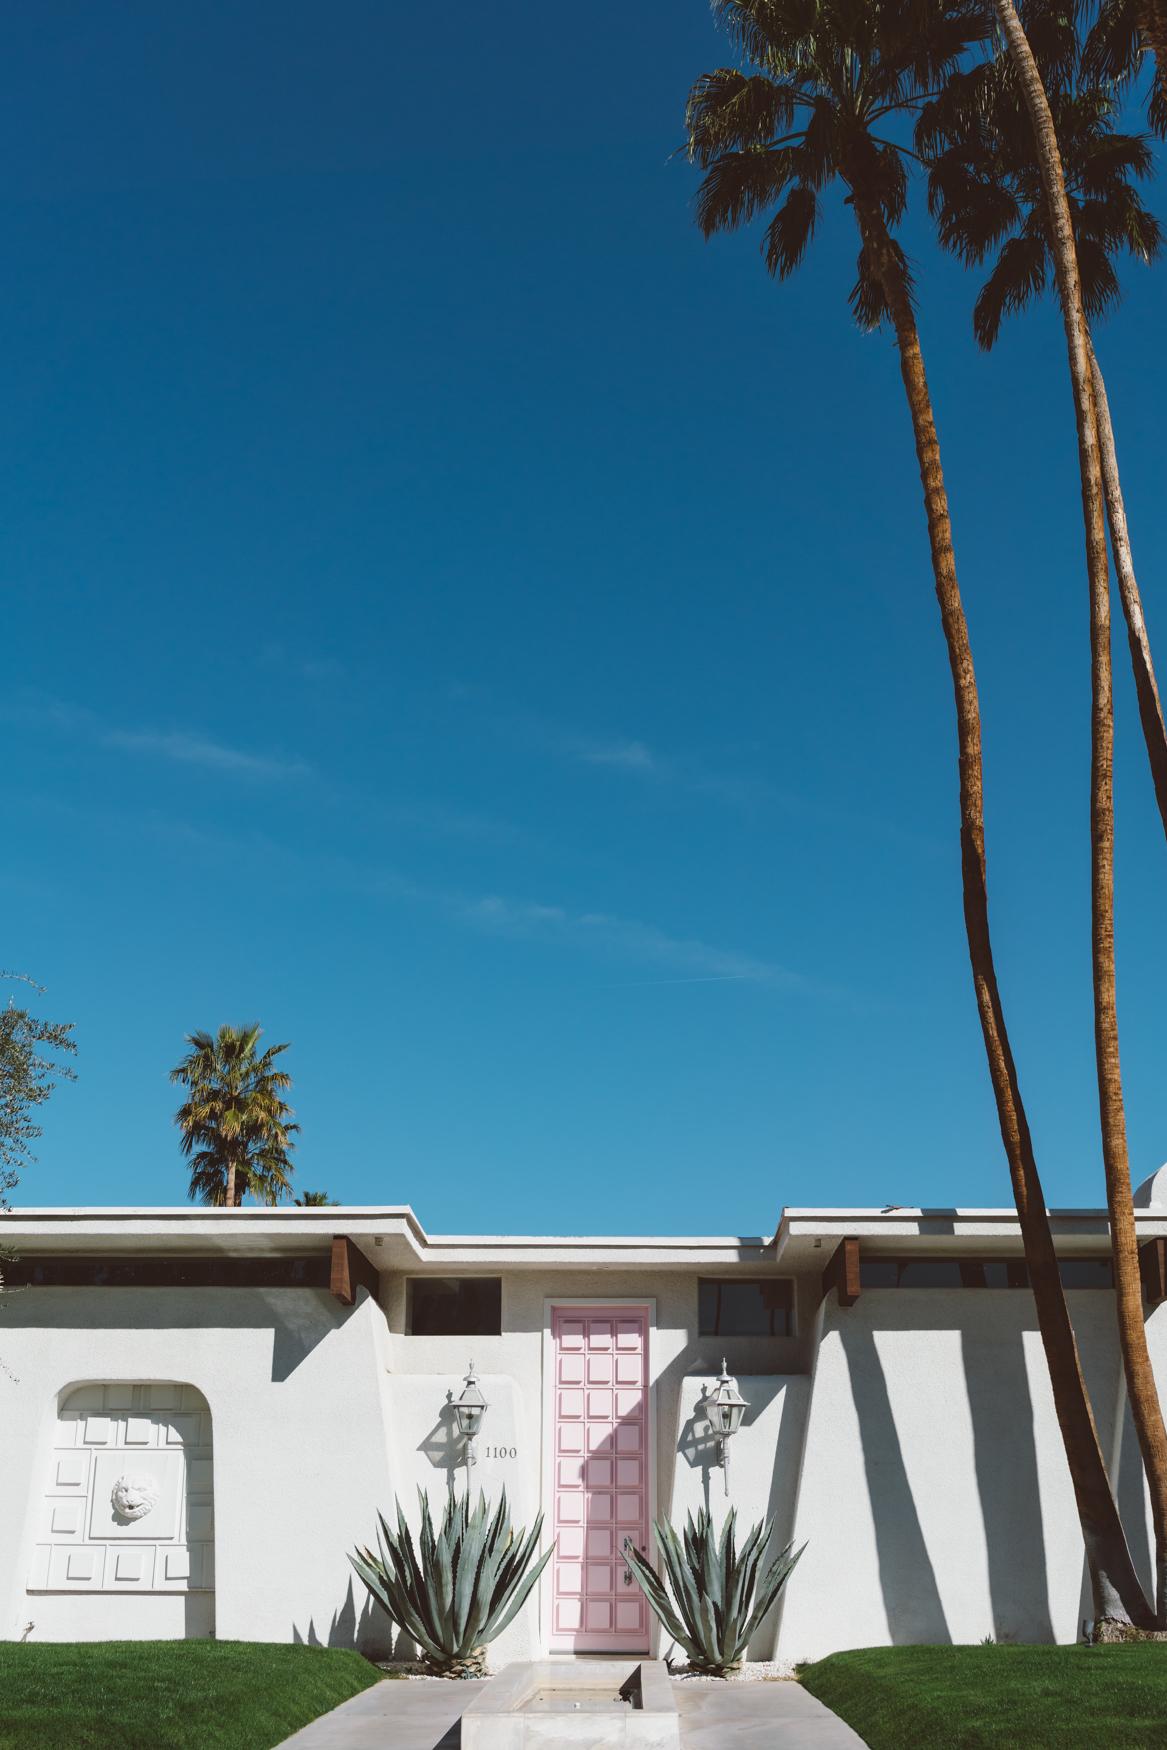 Pink door house in Palm Springs, California